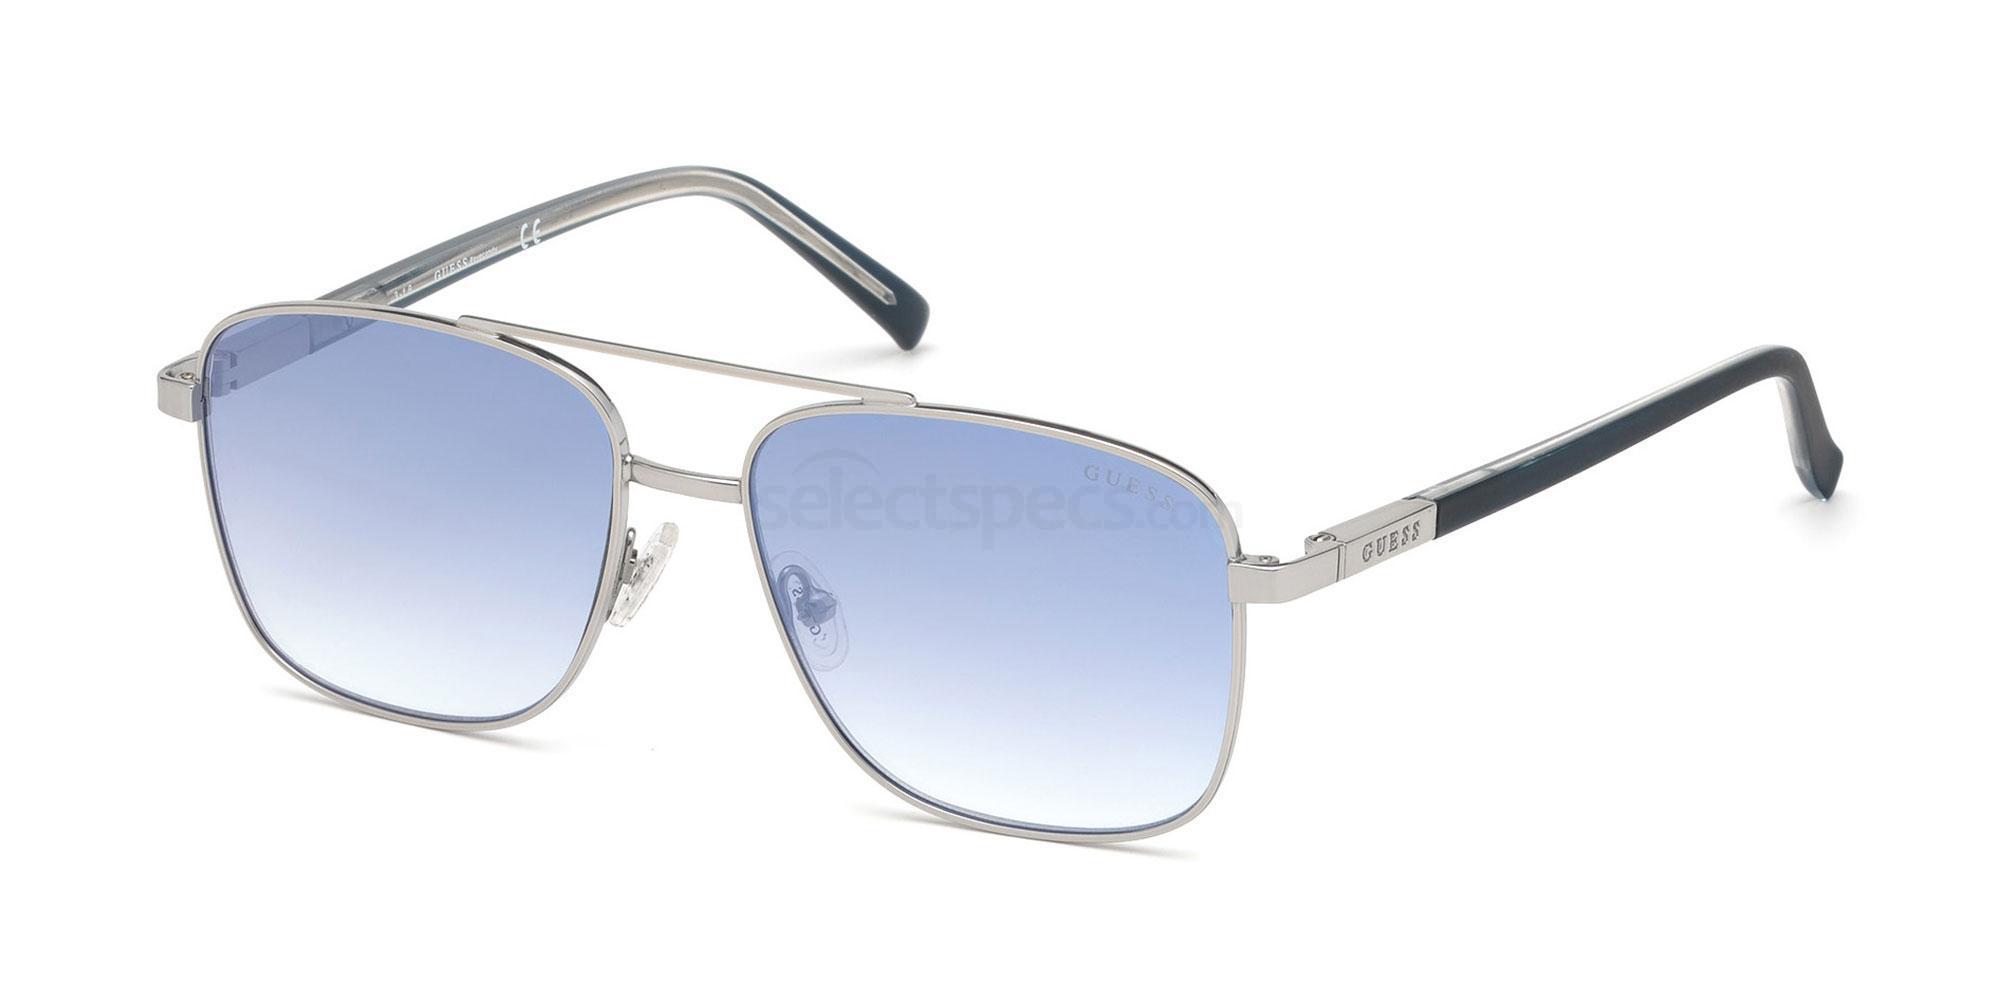 10W GU3040 Sunglasses, Guess